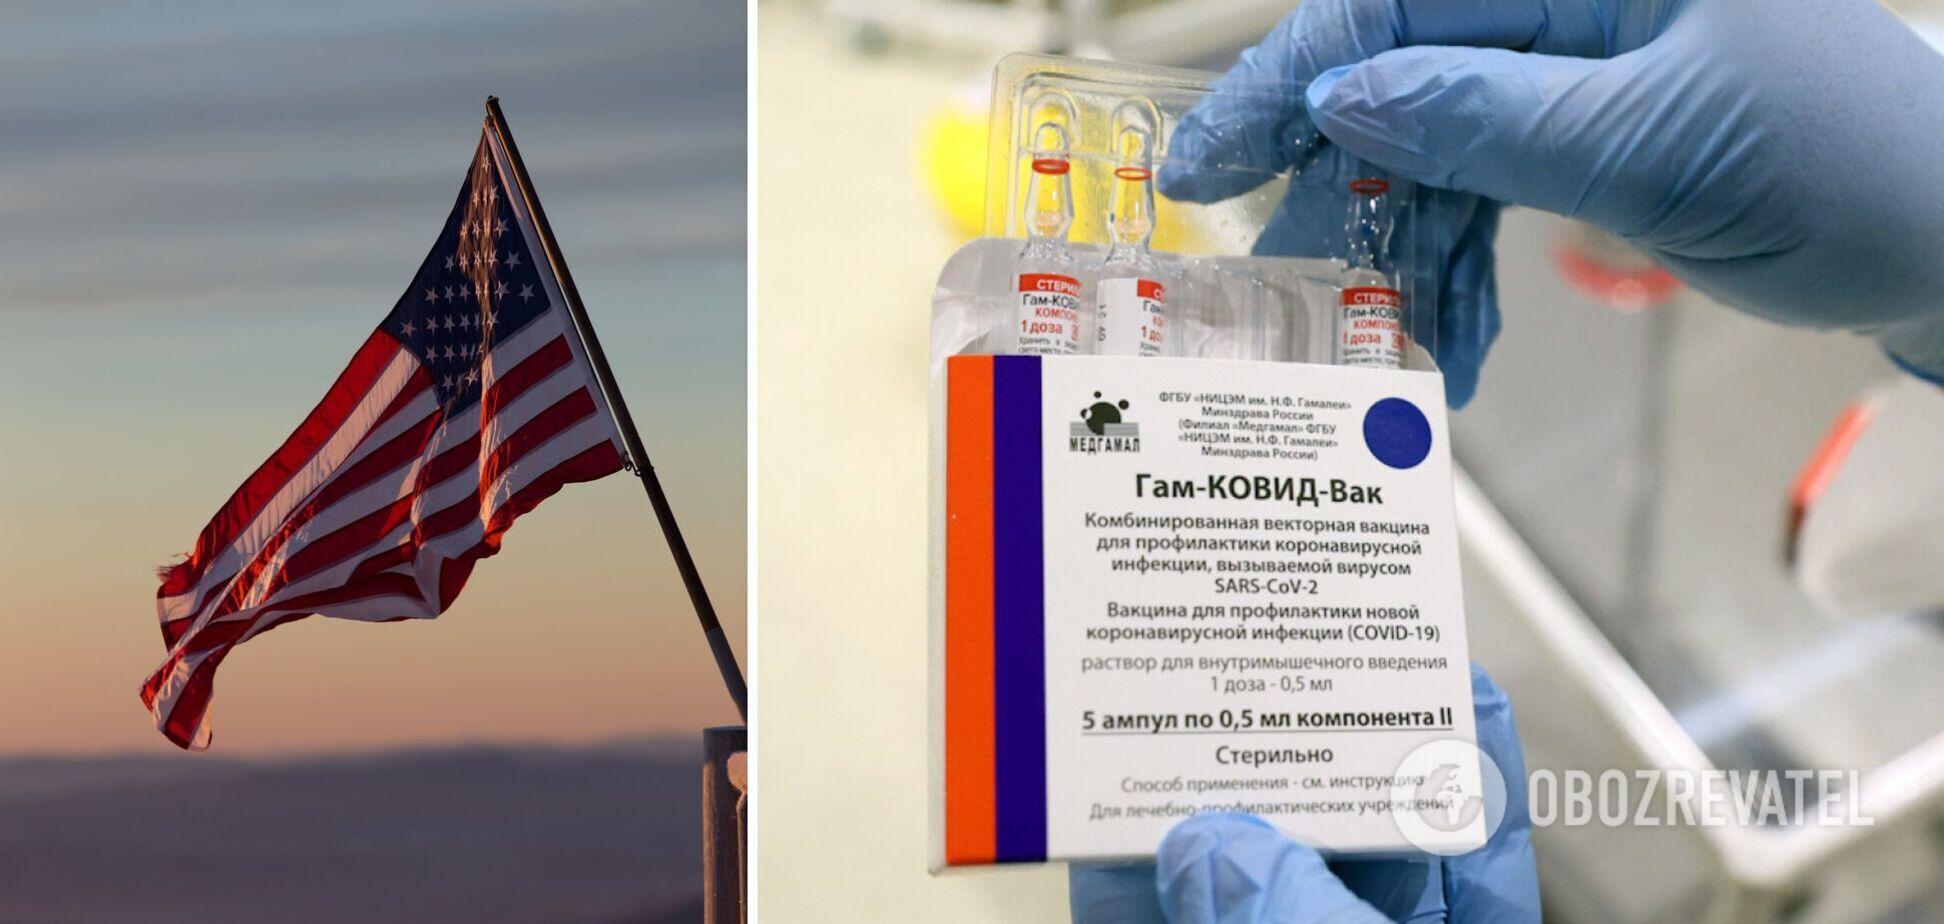 США ограничат возможность въезда для привитых 'СпутникомV'